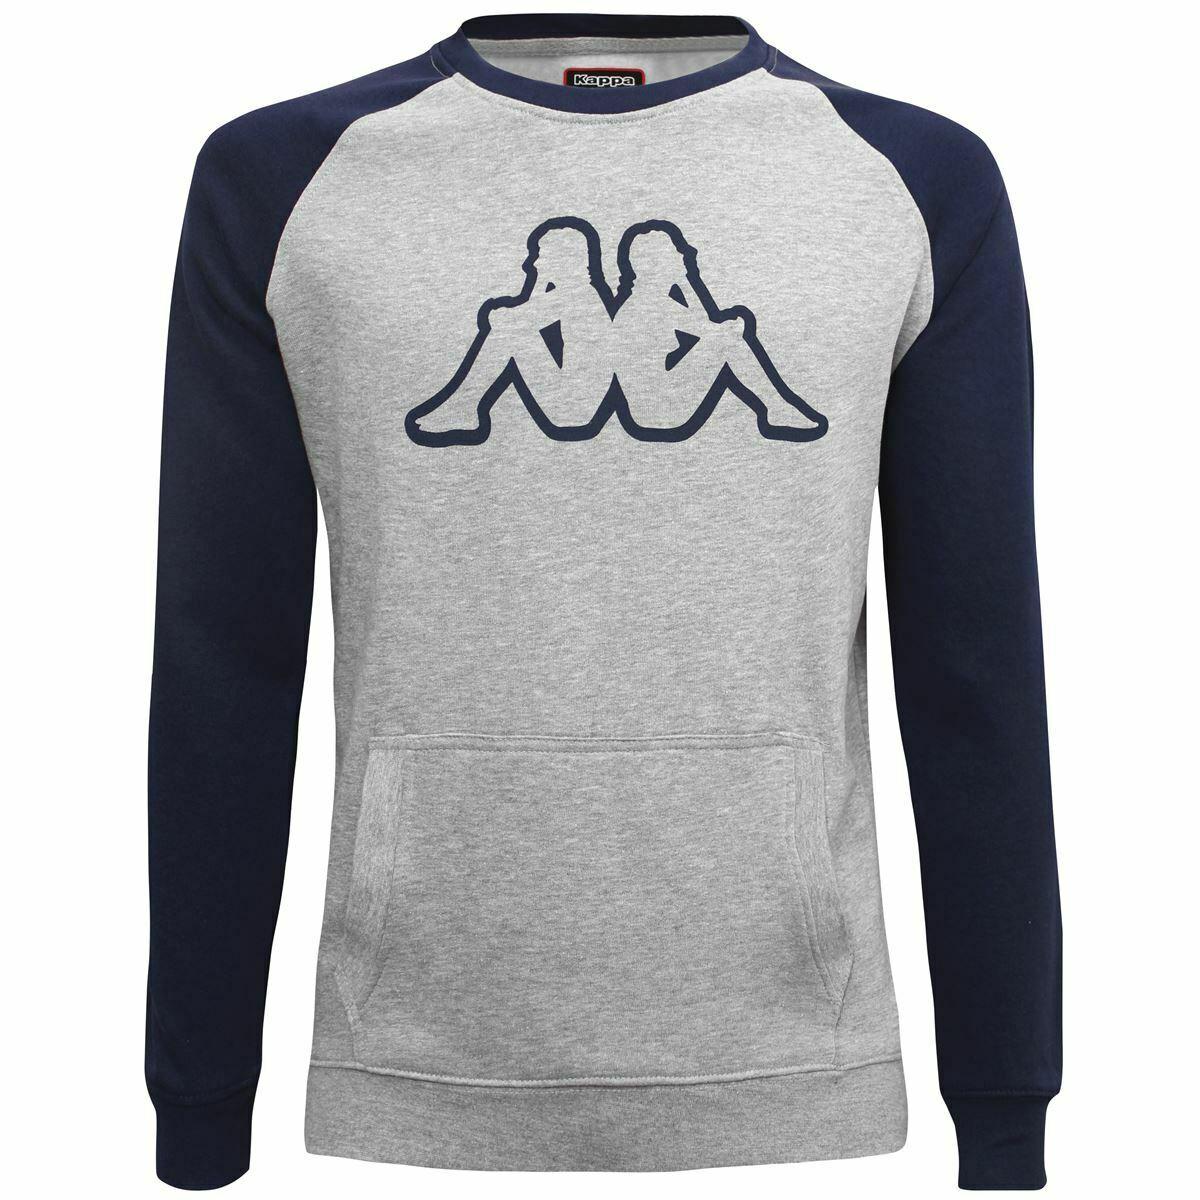 Más chollitos en ropa deportiva Kappa a 9.9€